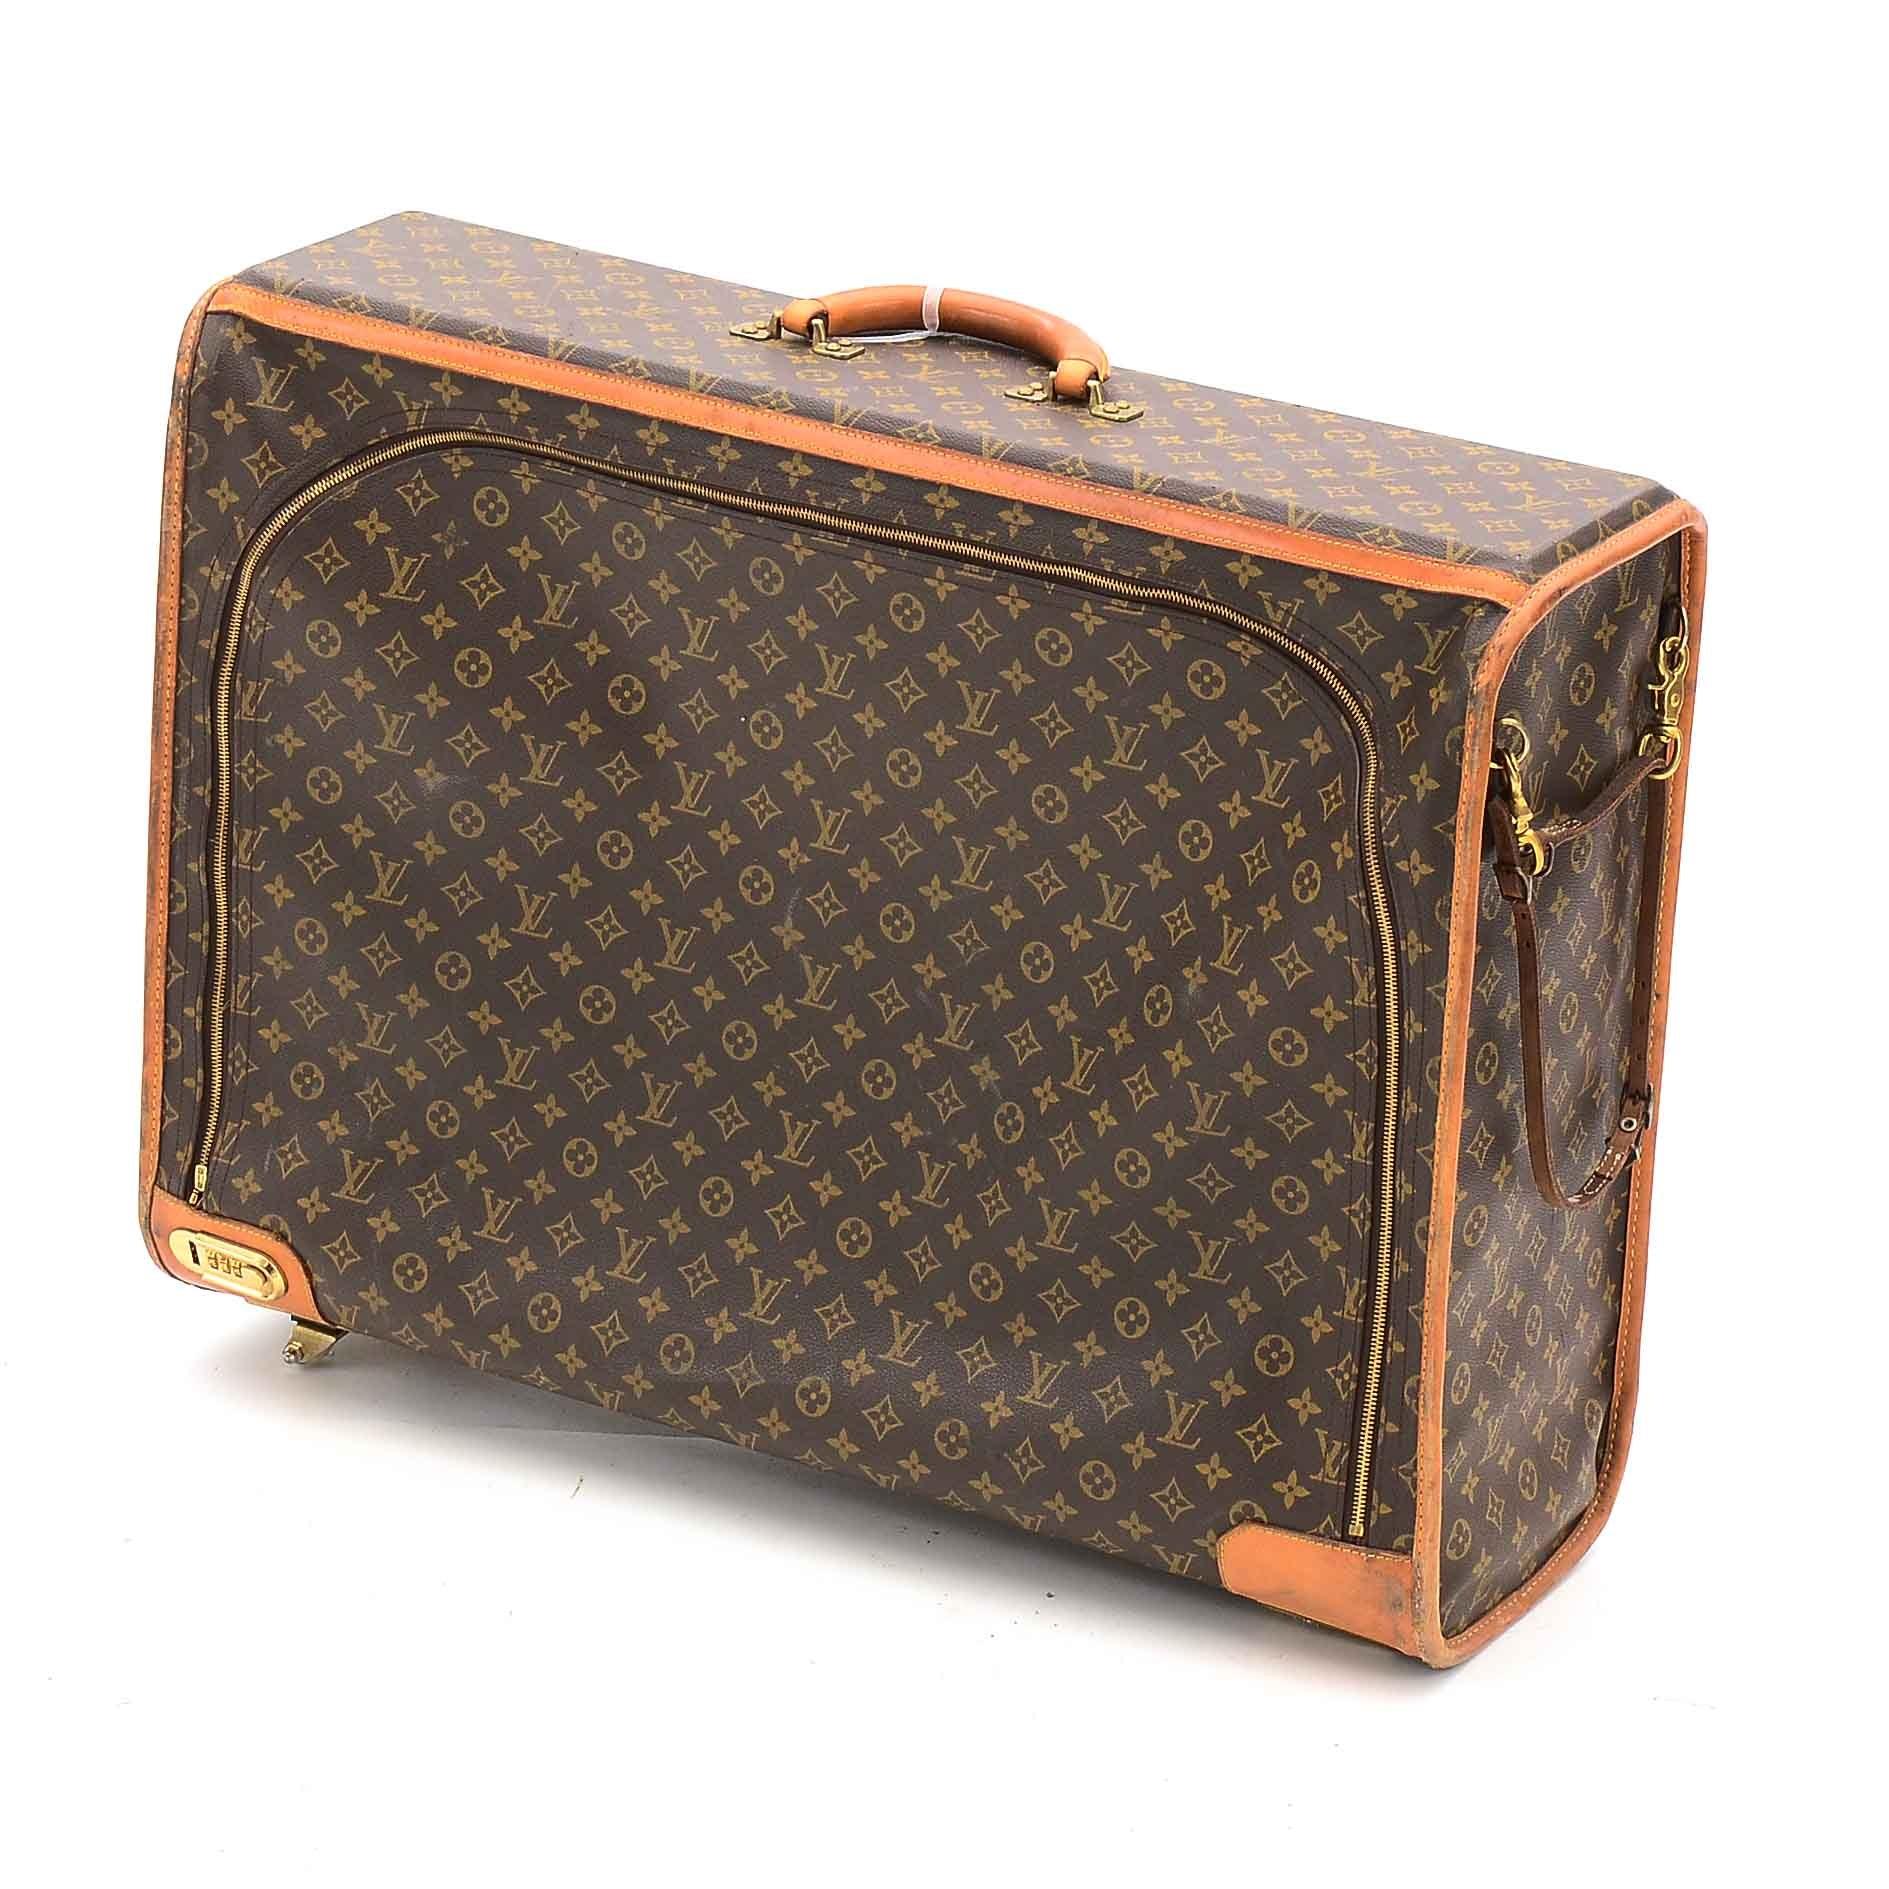 Vintage Louis Vuitton of Paris Monogram Canvas and Leather Pullman Suitcase